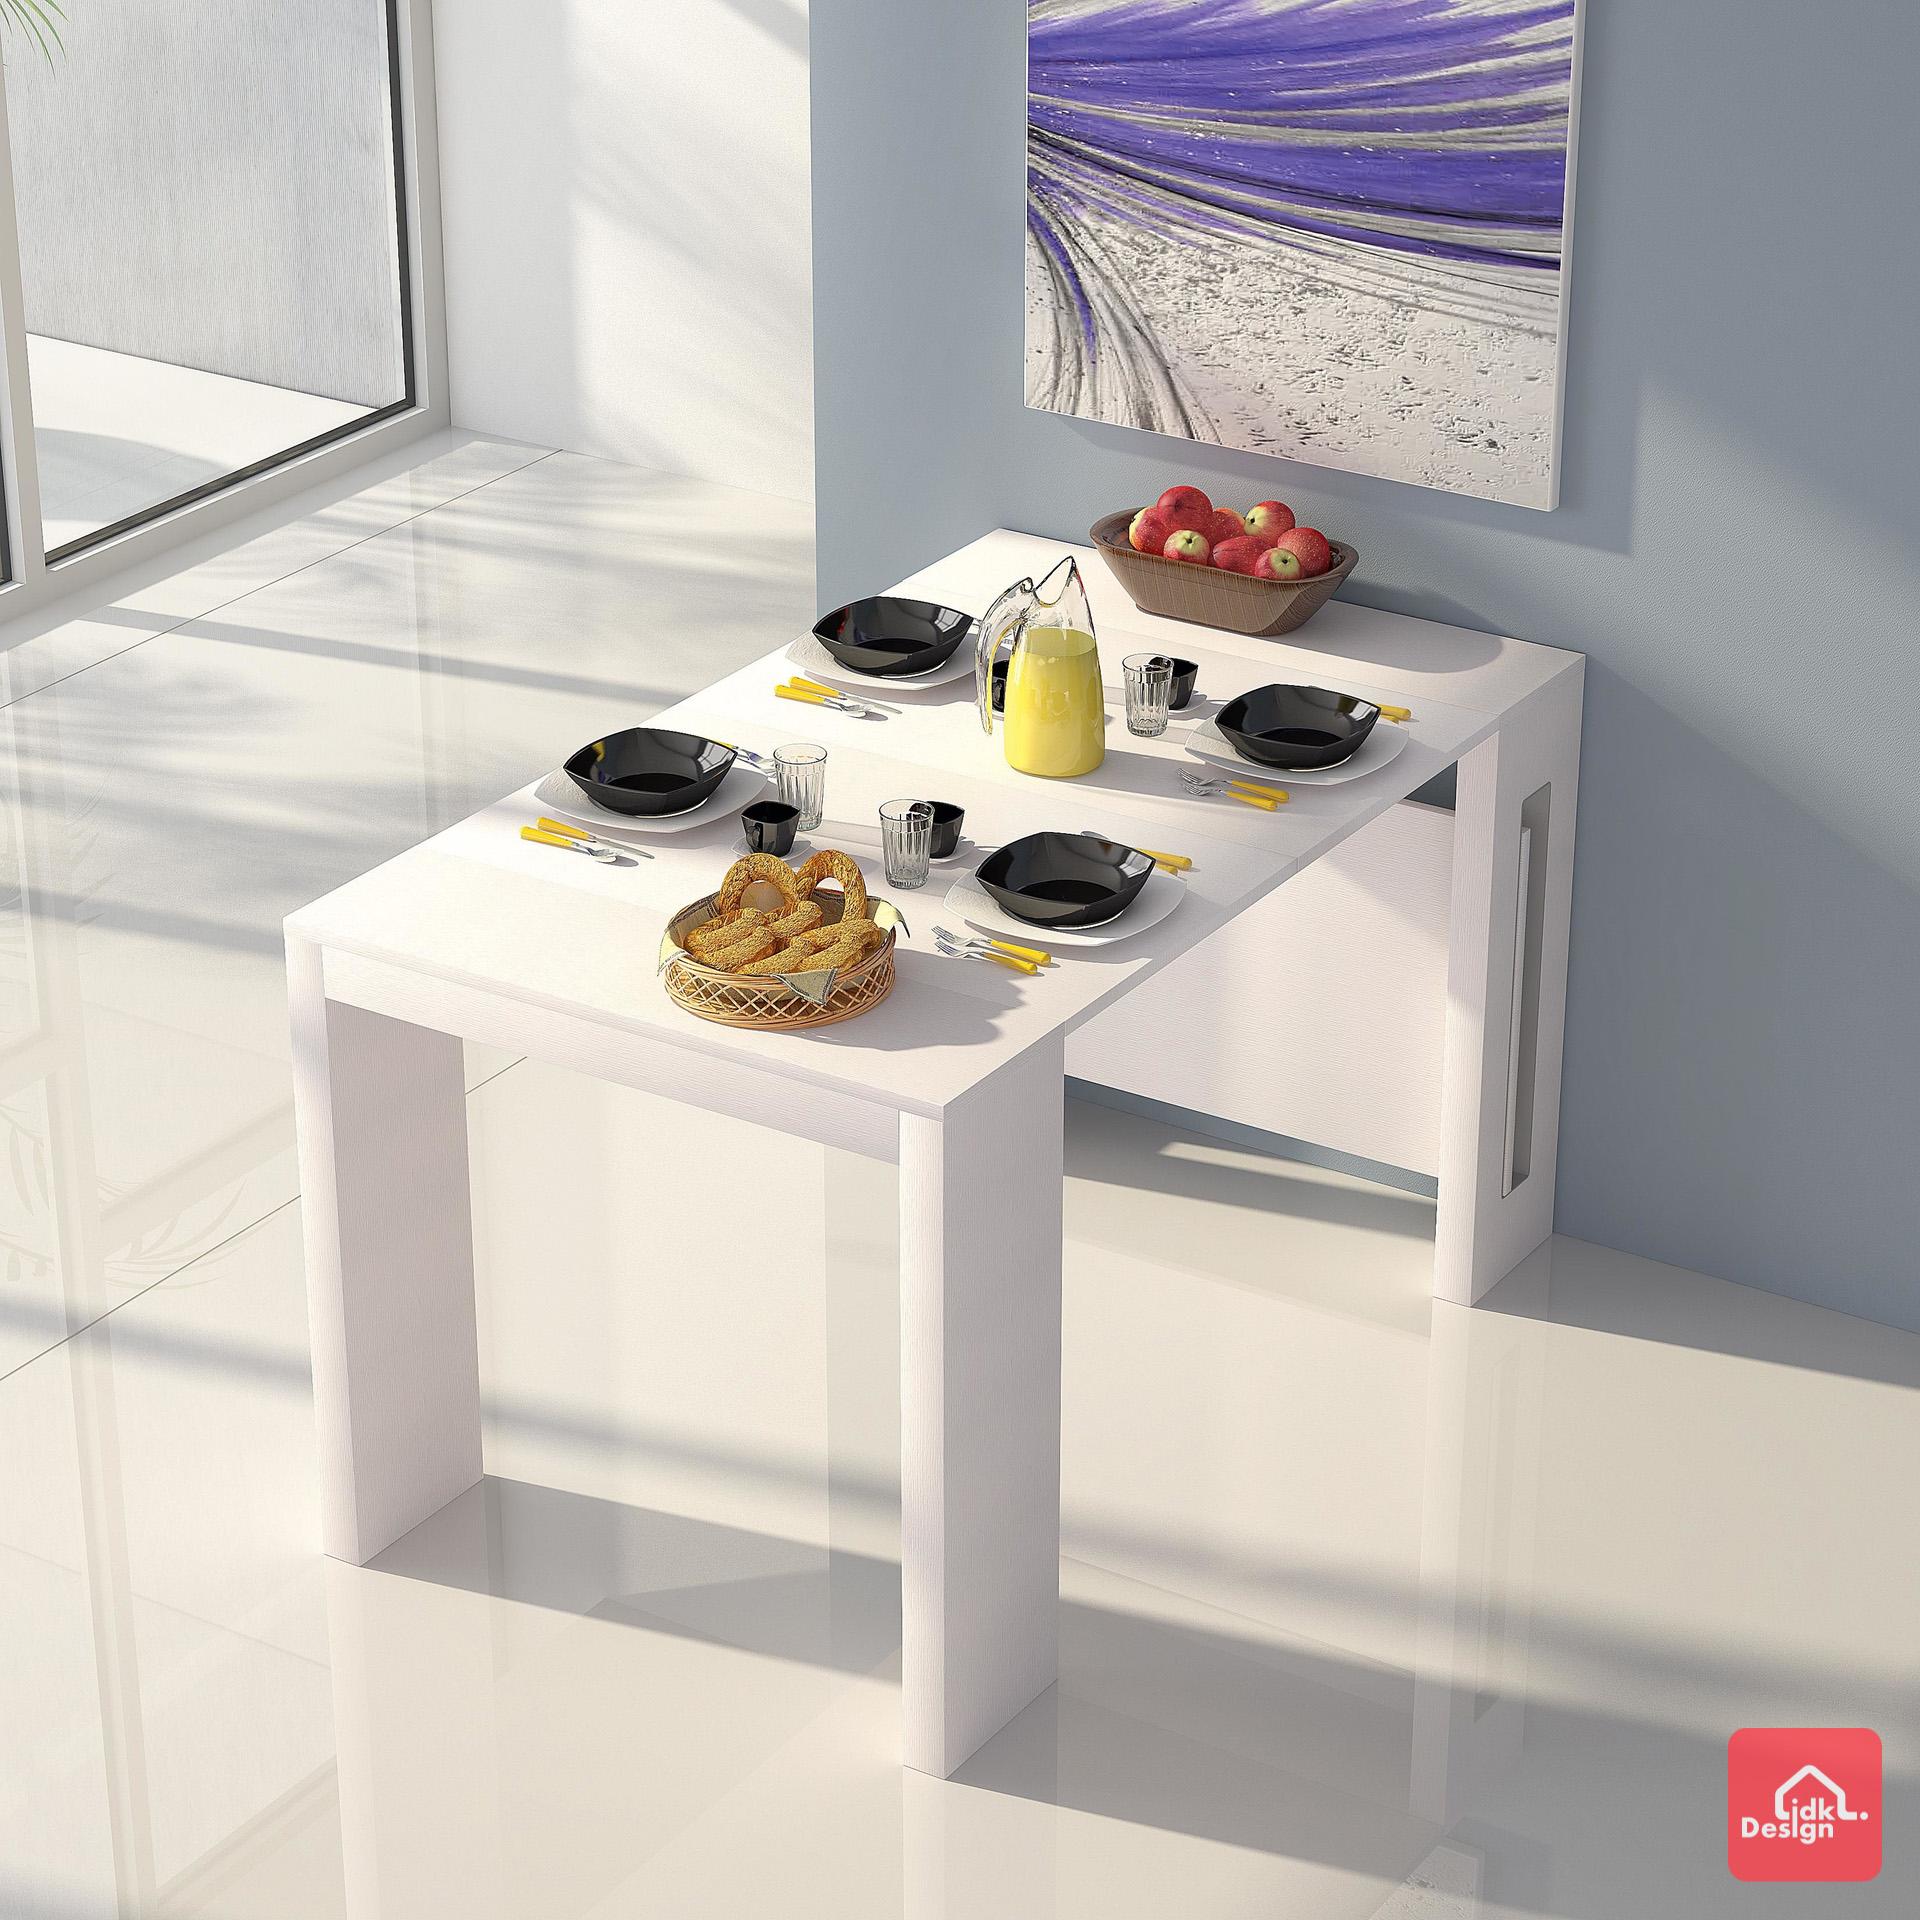 意大利出品Milnao萬用伸縮檯 - 品味生活 - 香港格價網 Price.com.hk